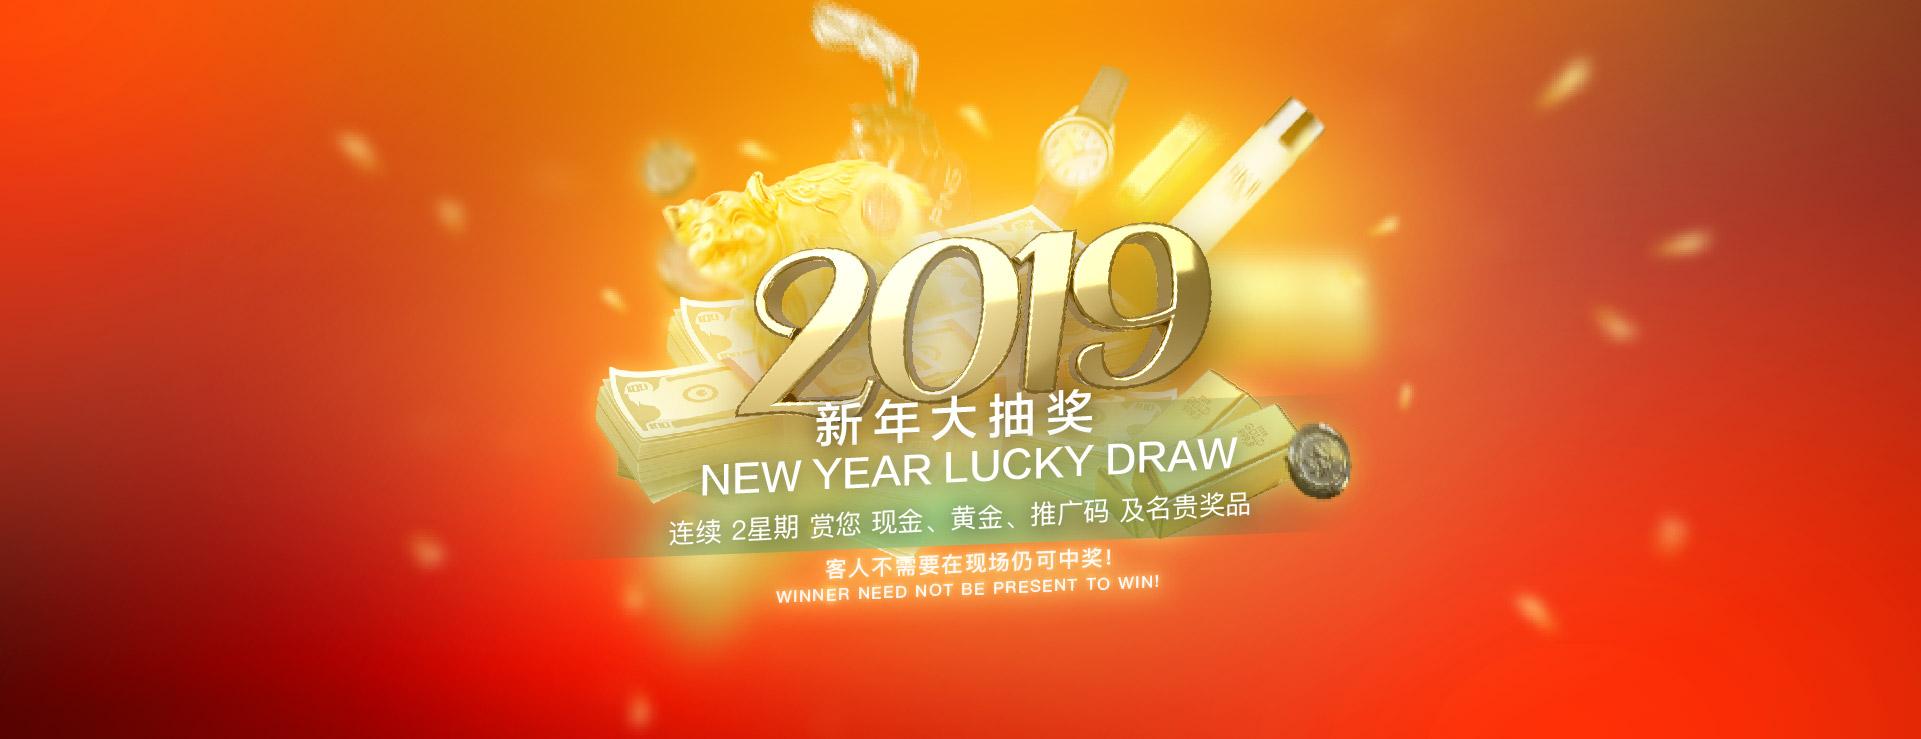 韩国 济州 皇爵 2019 赌场 新年大抽奖